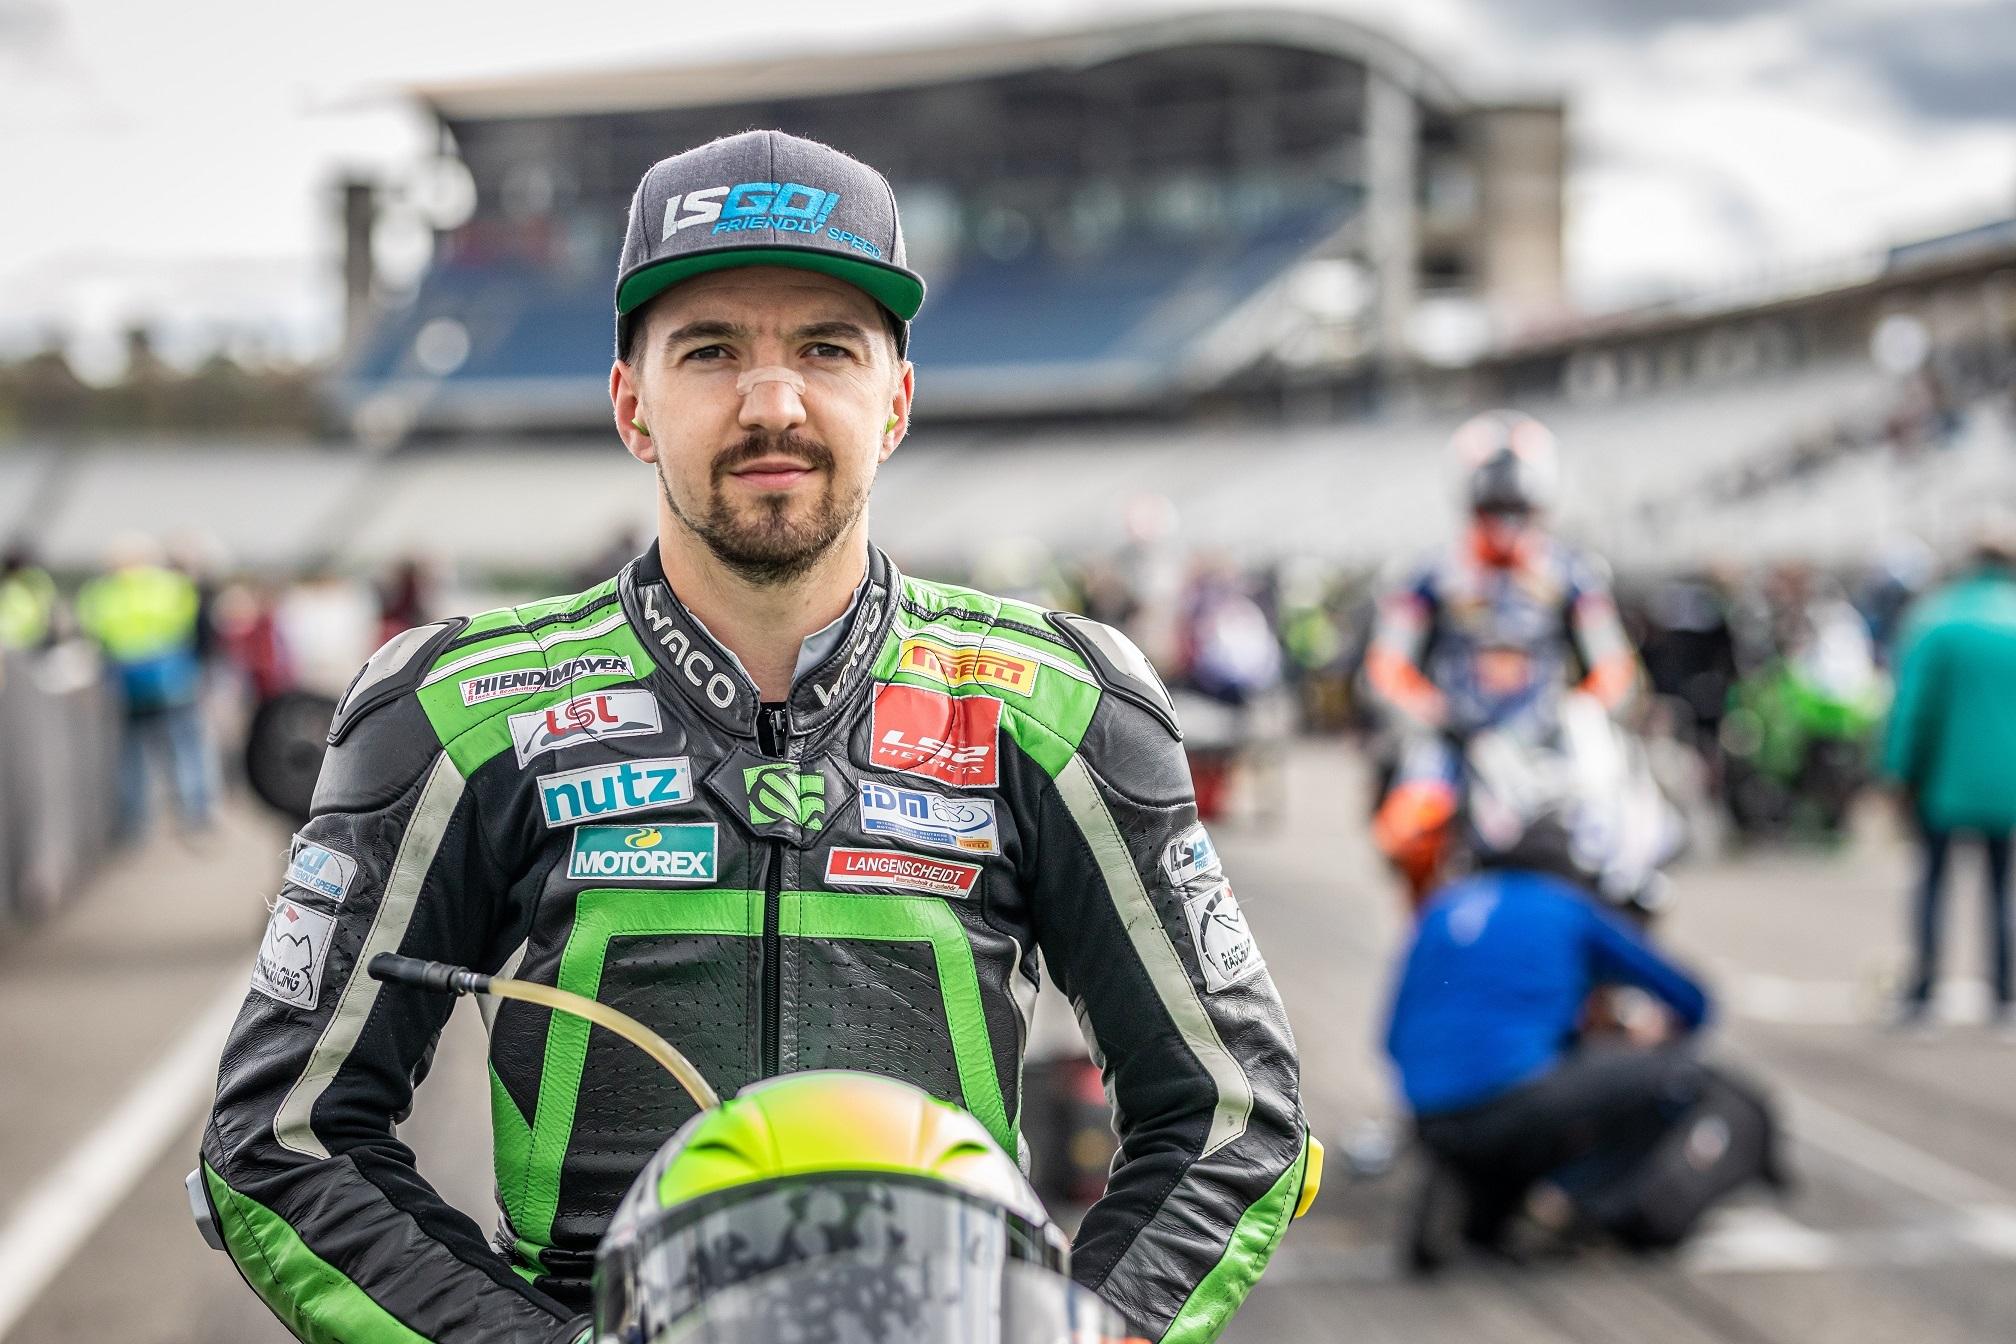 IDM Supersport 600: Meister Grünwald fährt Superbike von HPC-Power Suzuki